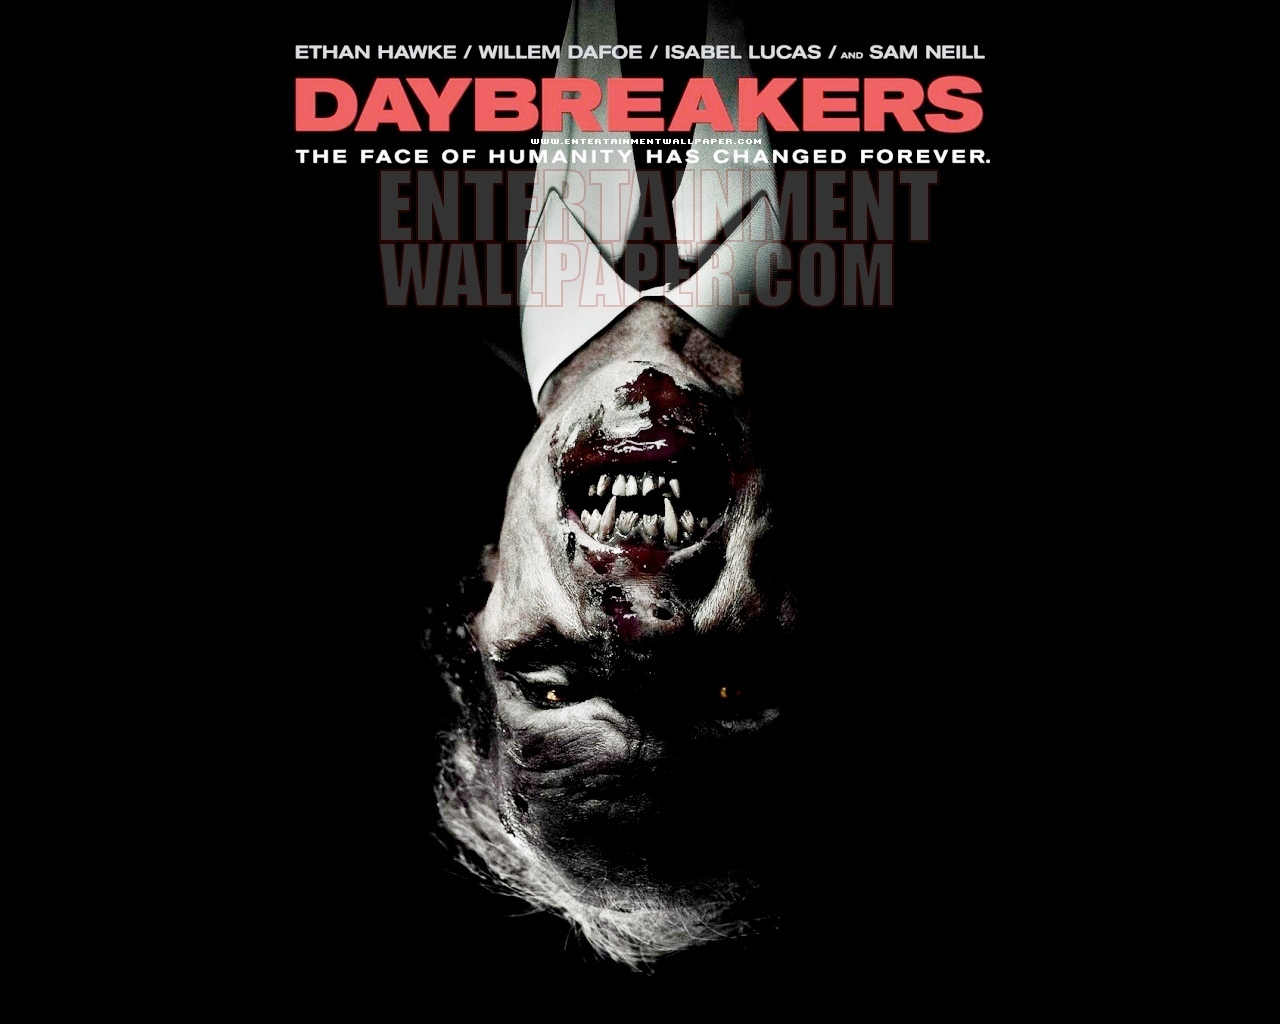 2010s horror films